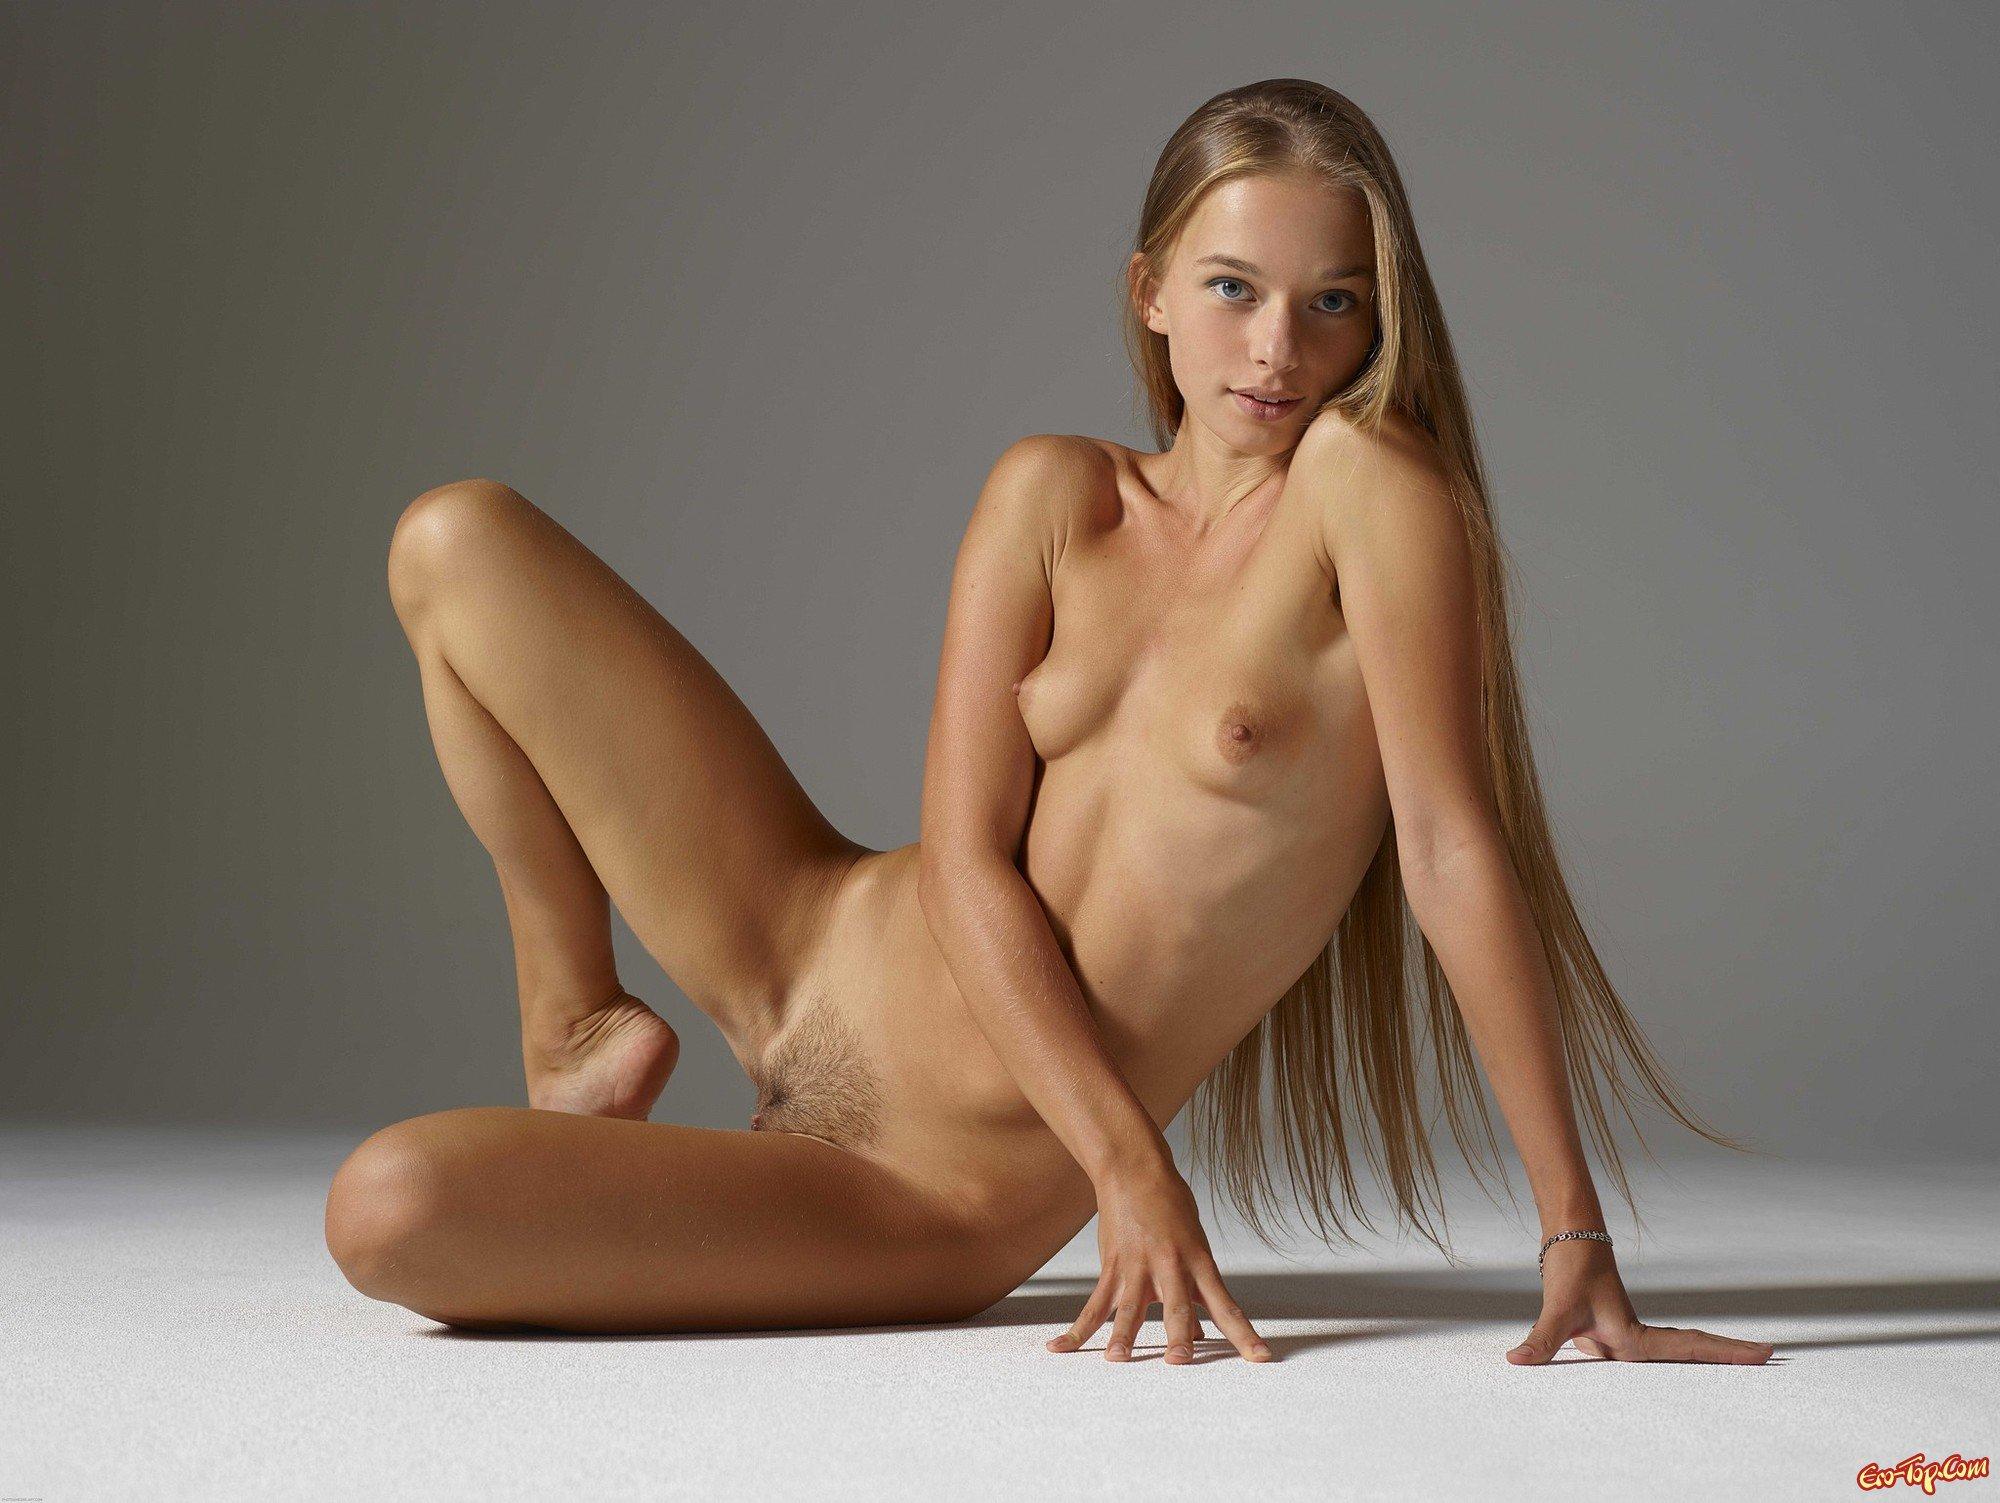 Юные модели фото ню, Голые молоденькие - фото обнаженных молоденьких 5 фотография